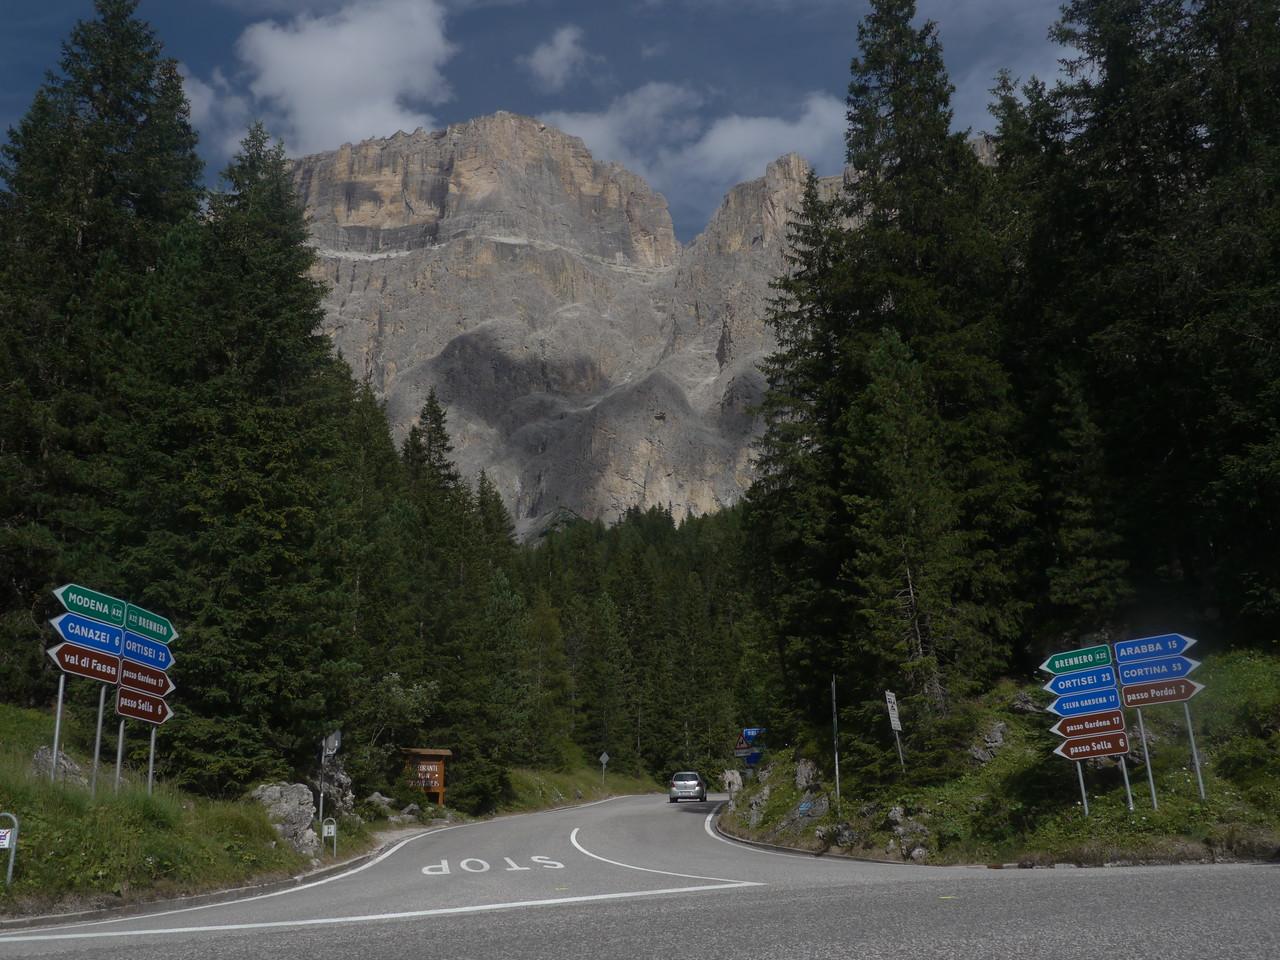 @ 2012 / Pecol, Canazei, Trentino-Alto Adige, ITA, Italien, 1820 m ü/M, 17/08/2014 16:23:07